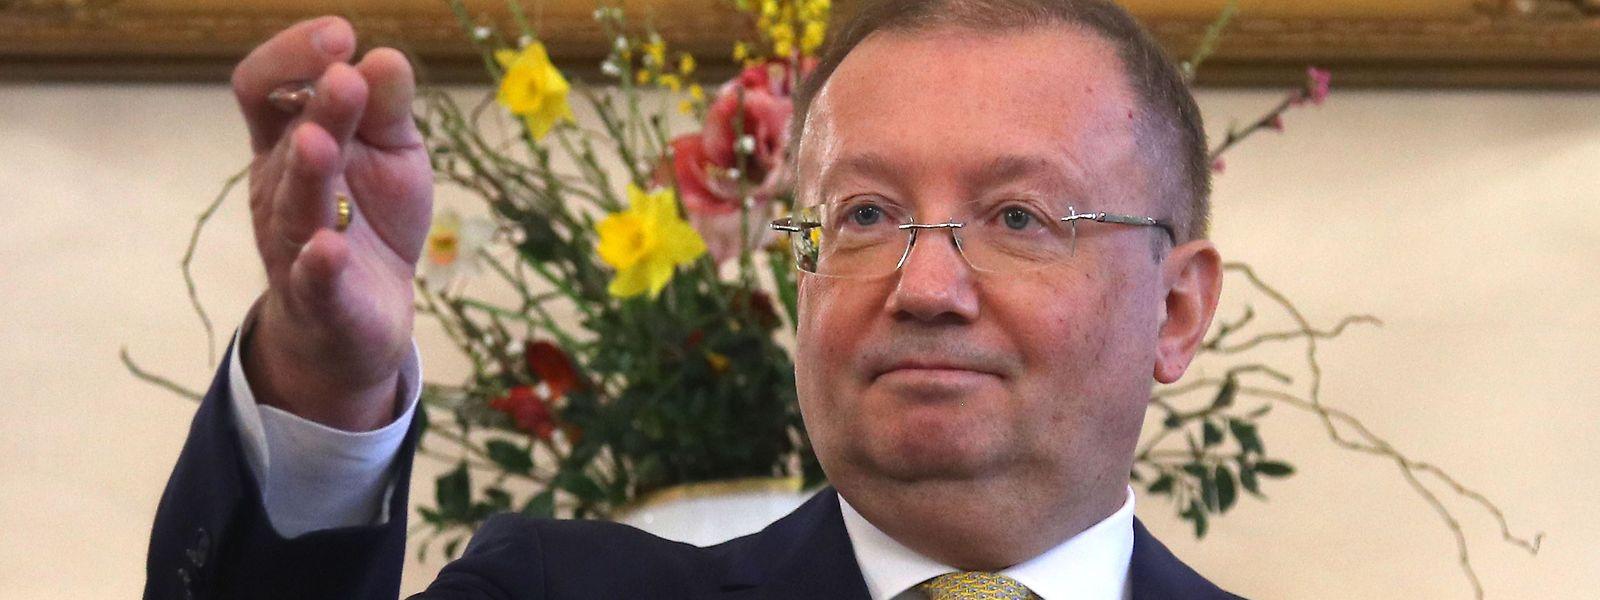 Der russische Botschafter in London, Alexander Jakowenko, äußert sich zum Fall Skripal bei einer Pressekonferenz in London.